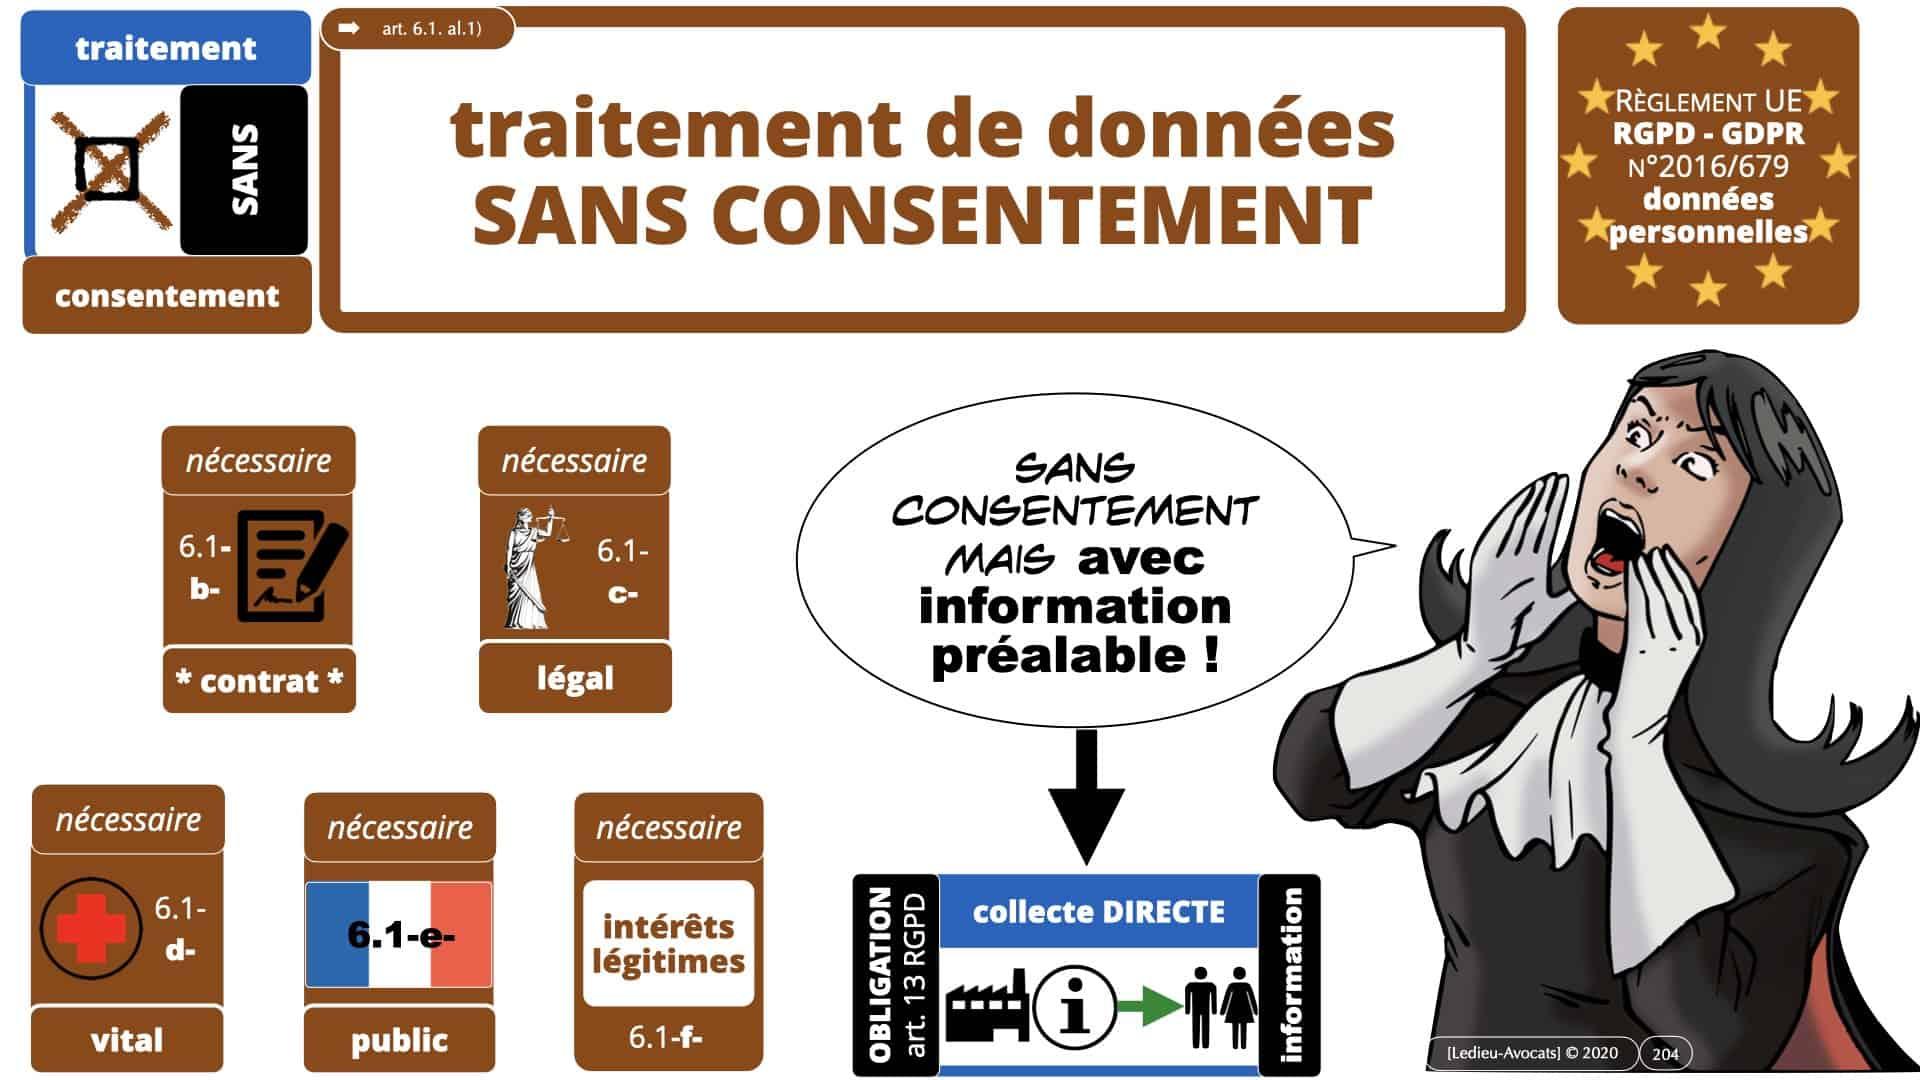 RGPD e-Privacy données personnelles jurisprudence formation Lamy Les Echos 10-02-2021 ©Ledieu-Avocats.204